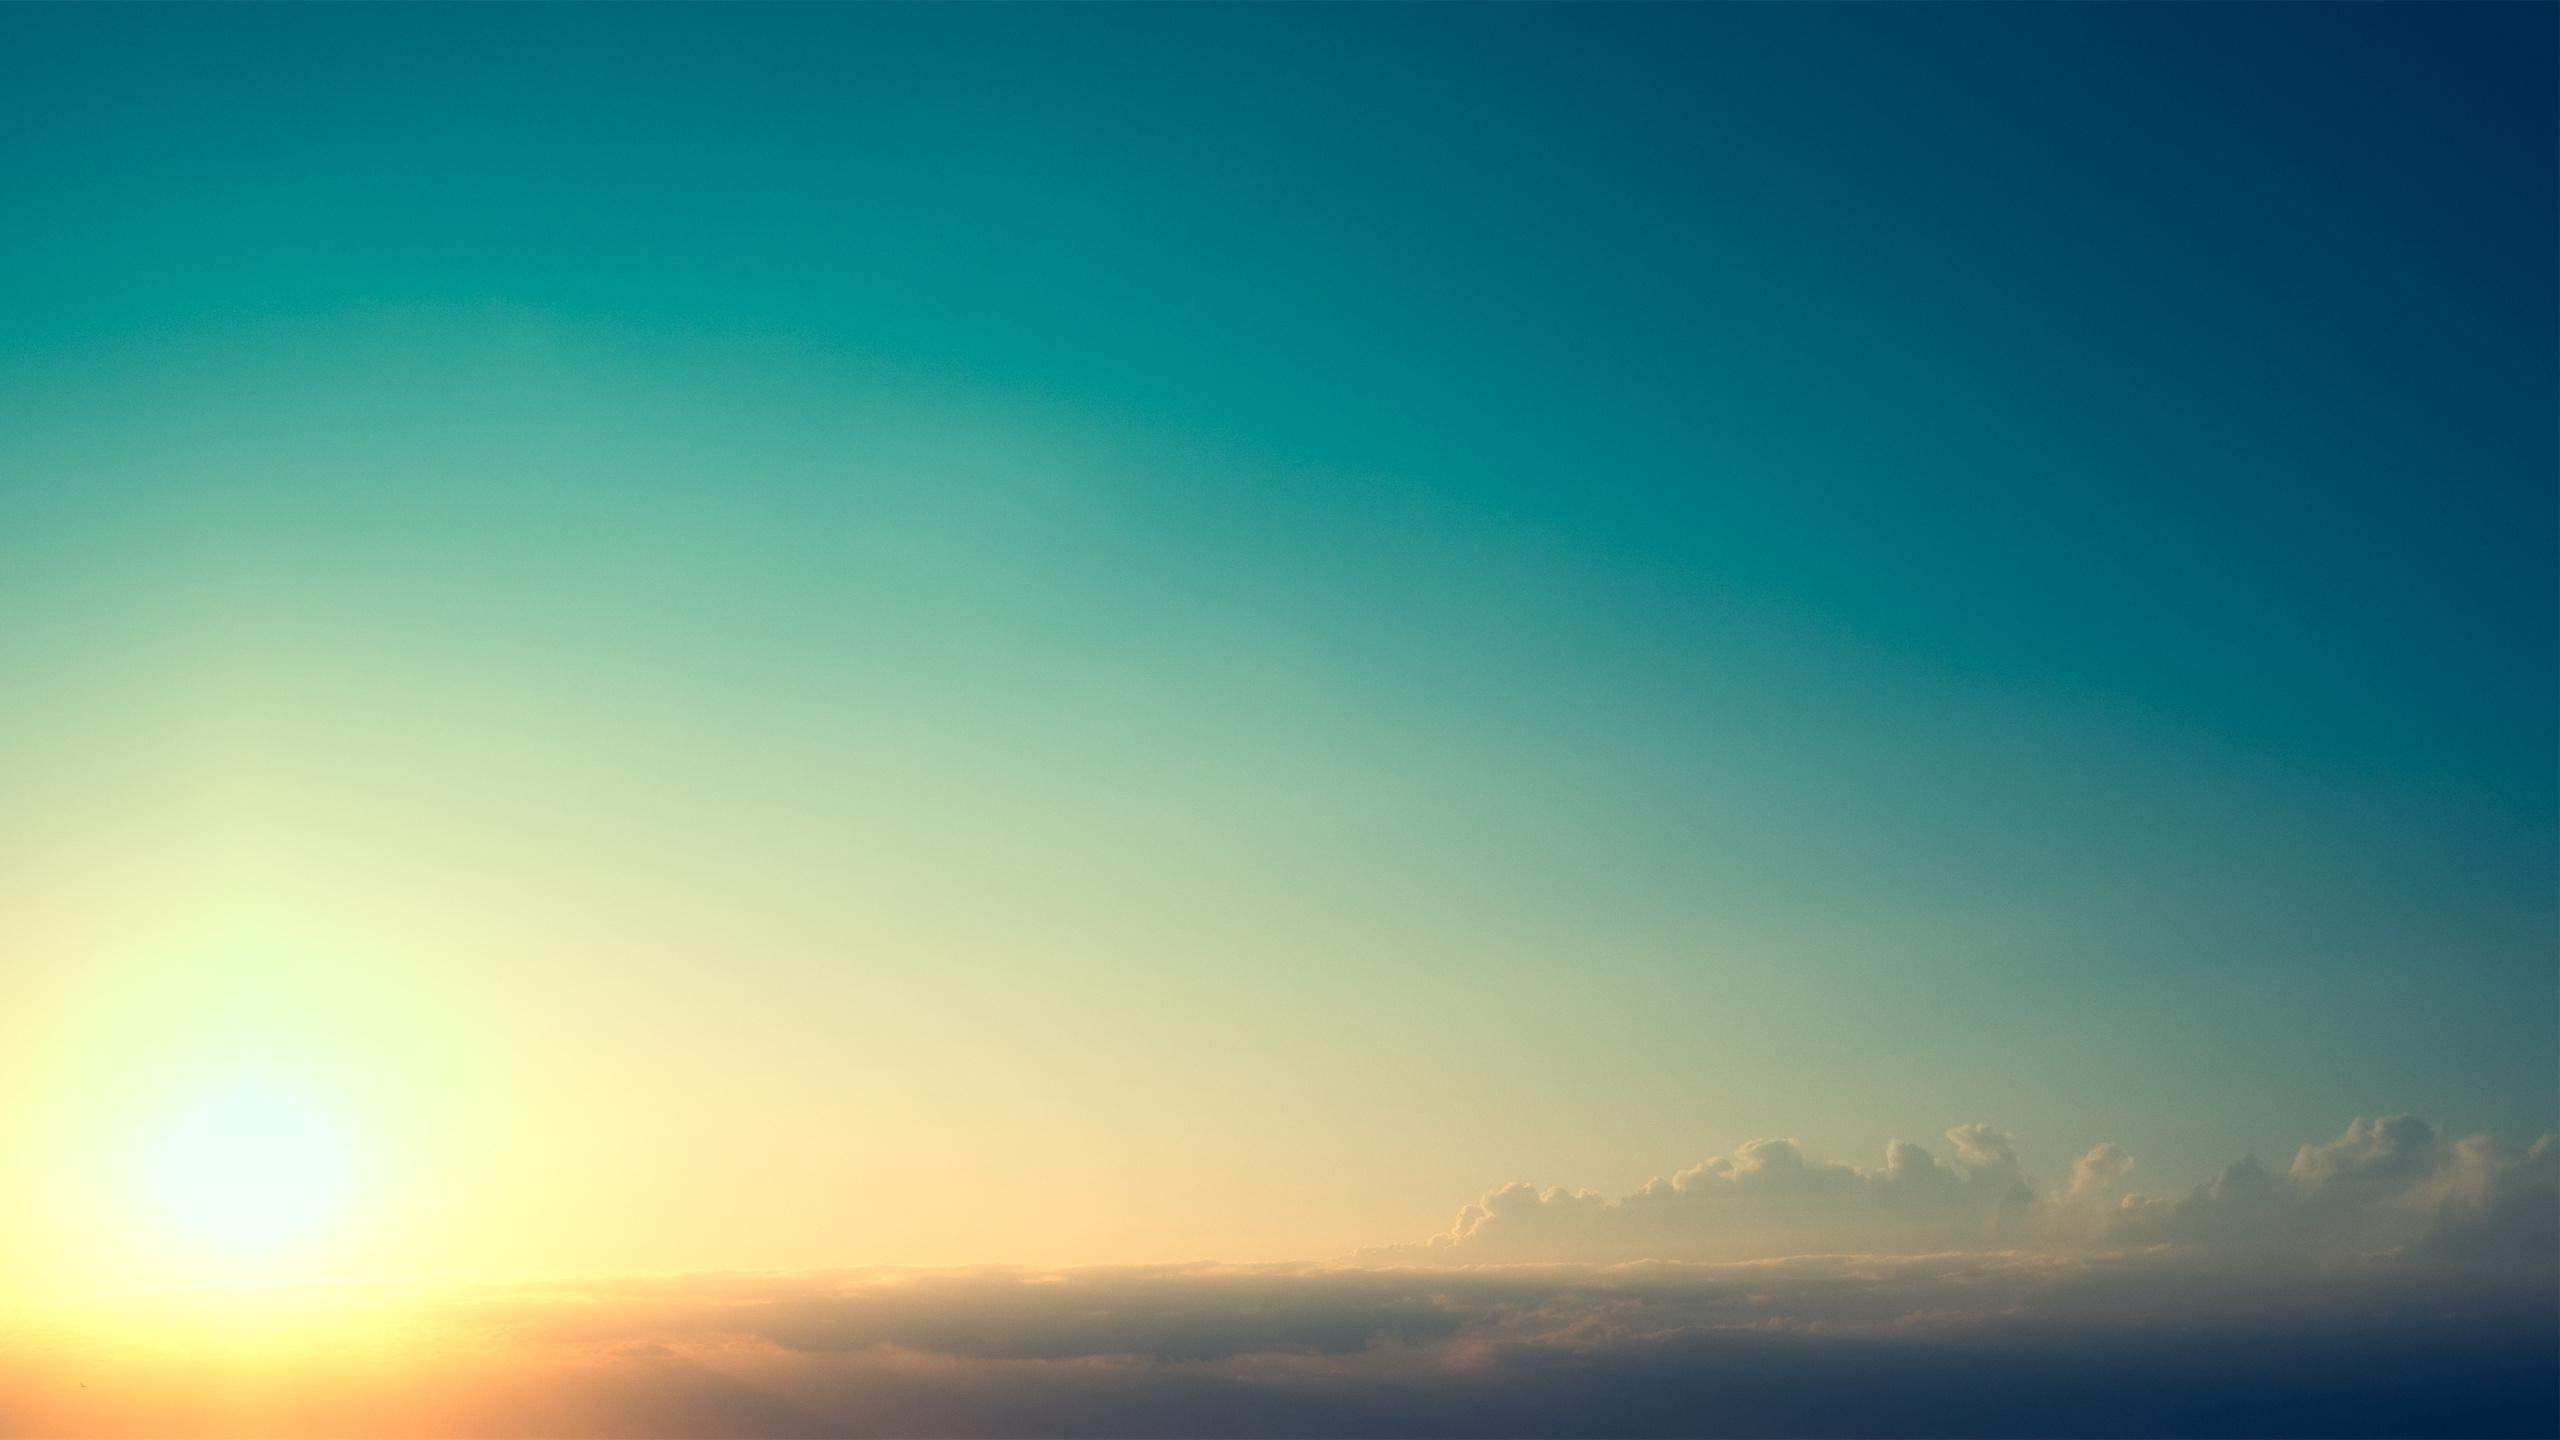 Красивые картинки бирюзового цвета 5